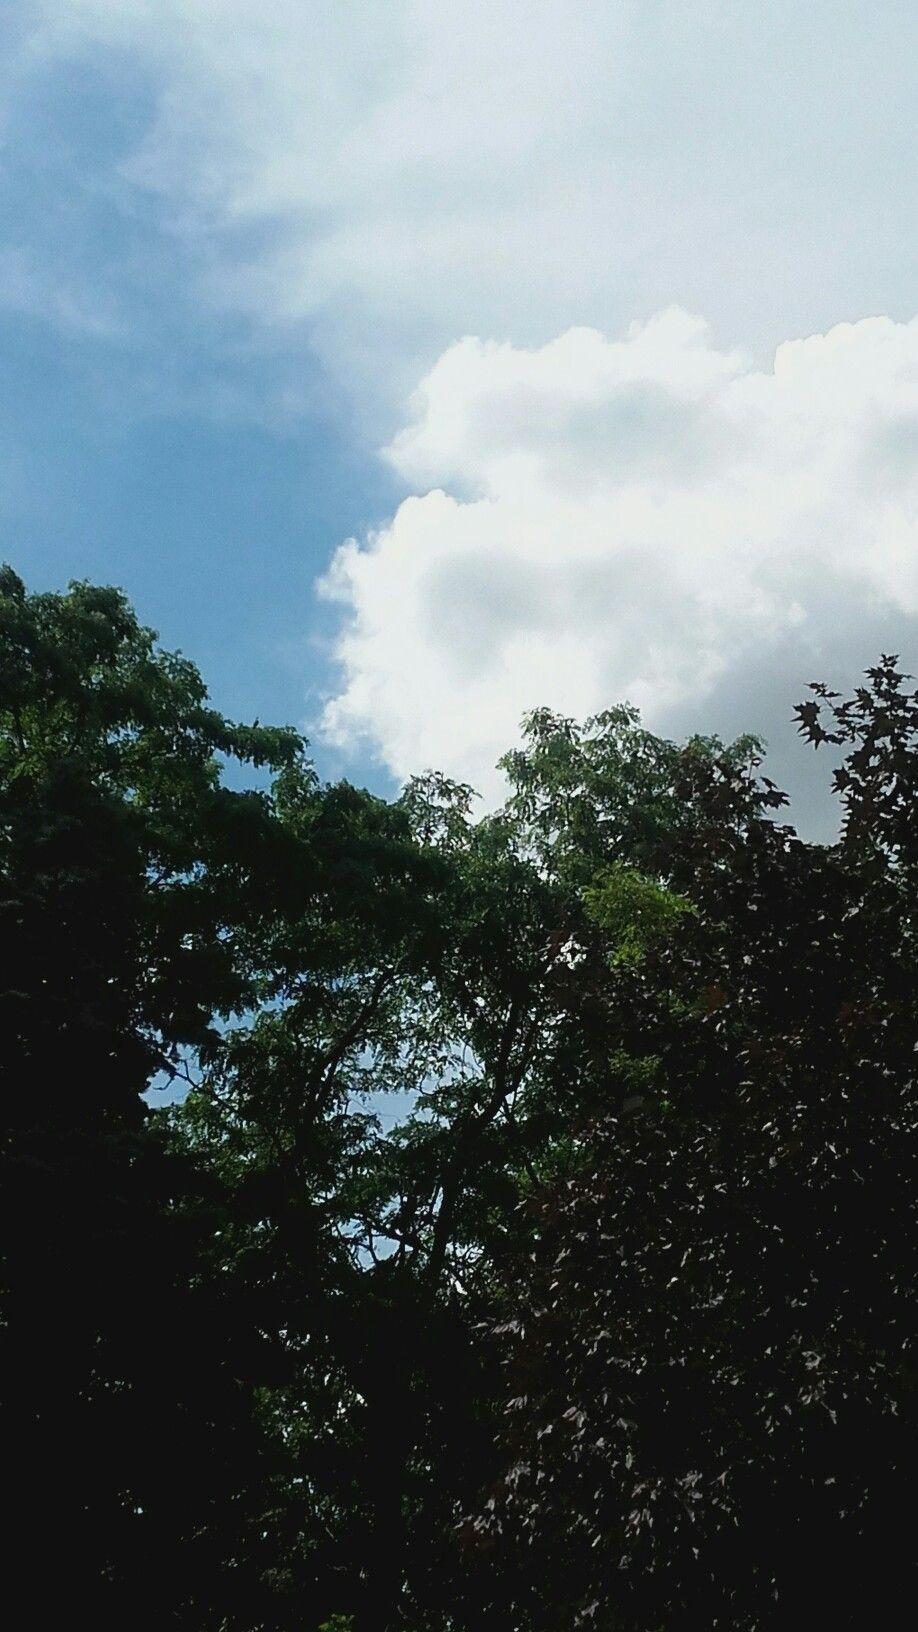 الوان جميلة توريح القلب جمال السماء ياخالق الاكوان يااااربااااه Purple Wallpaper Nature Photography